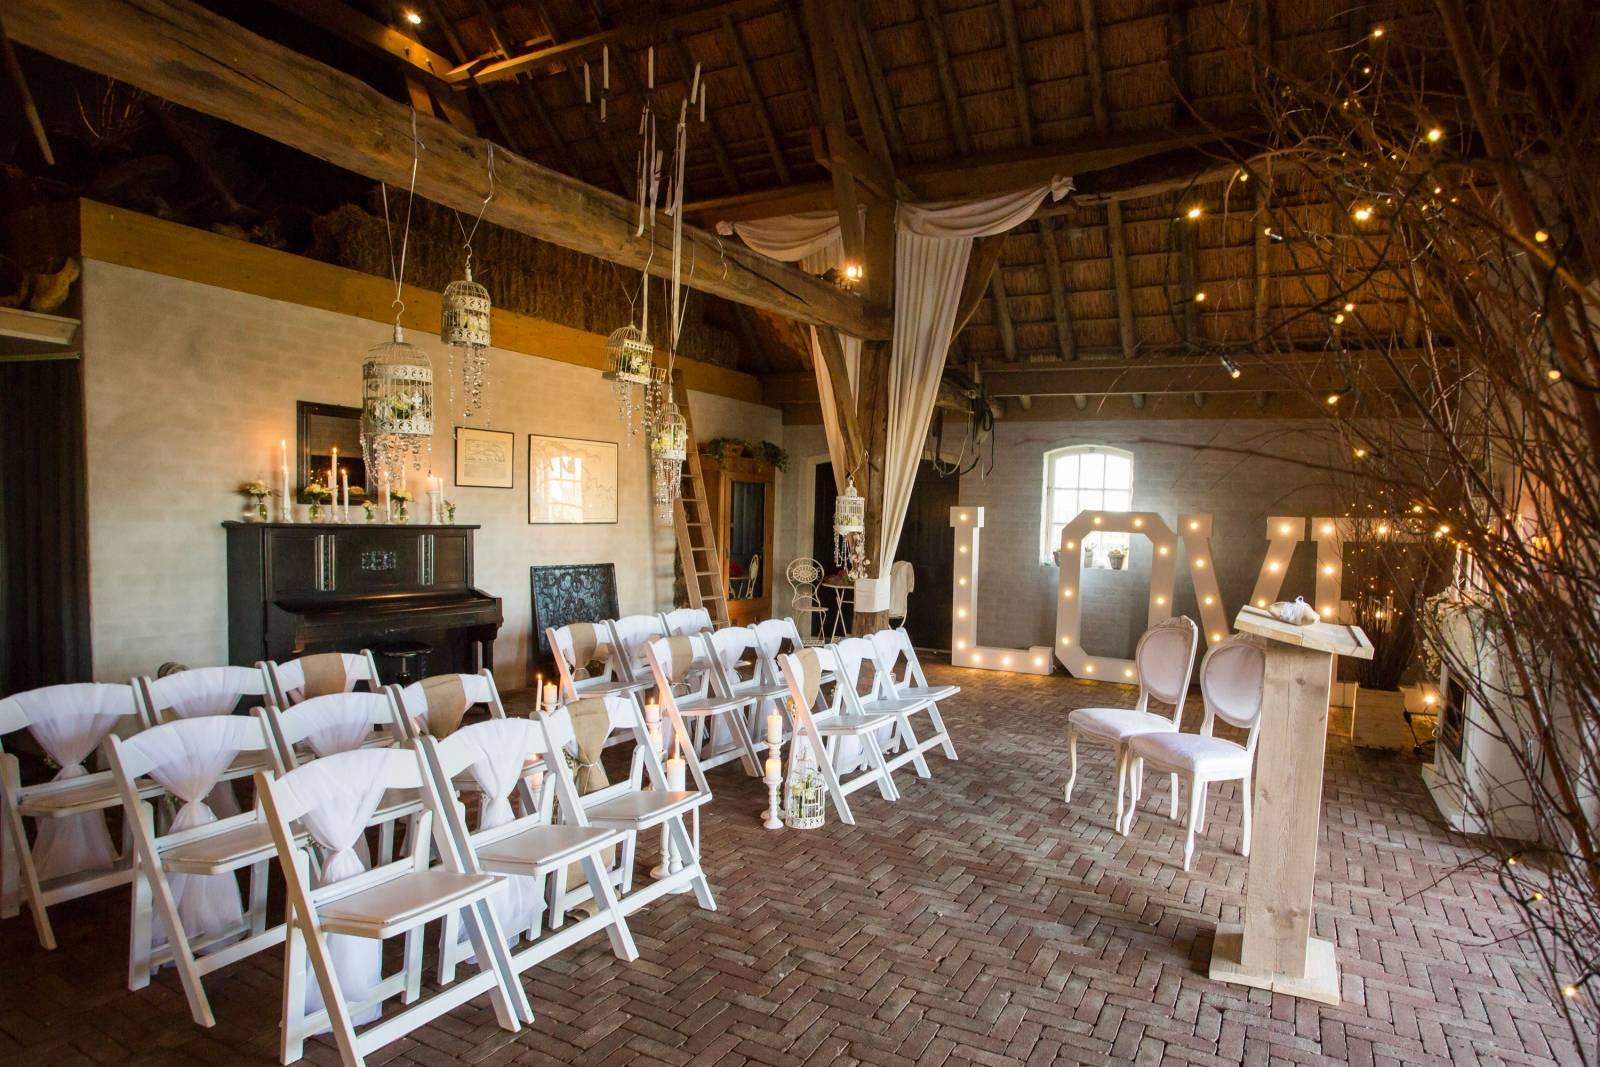 In Style Styling & Decoraties - Trouwdecoratie - Verhuurbedrijf - Wedding Design - House of Weddings - 25